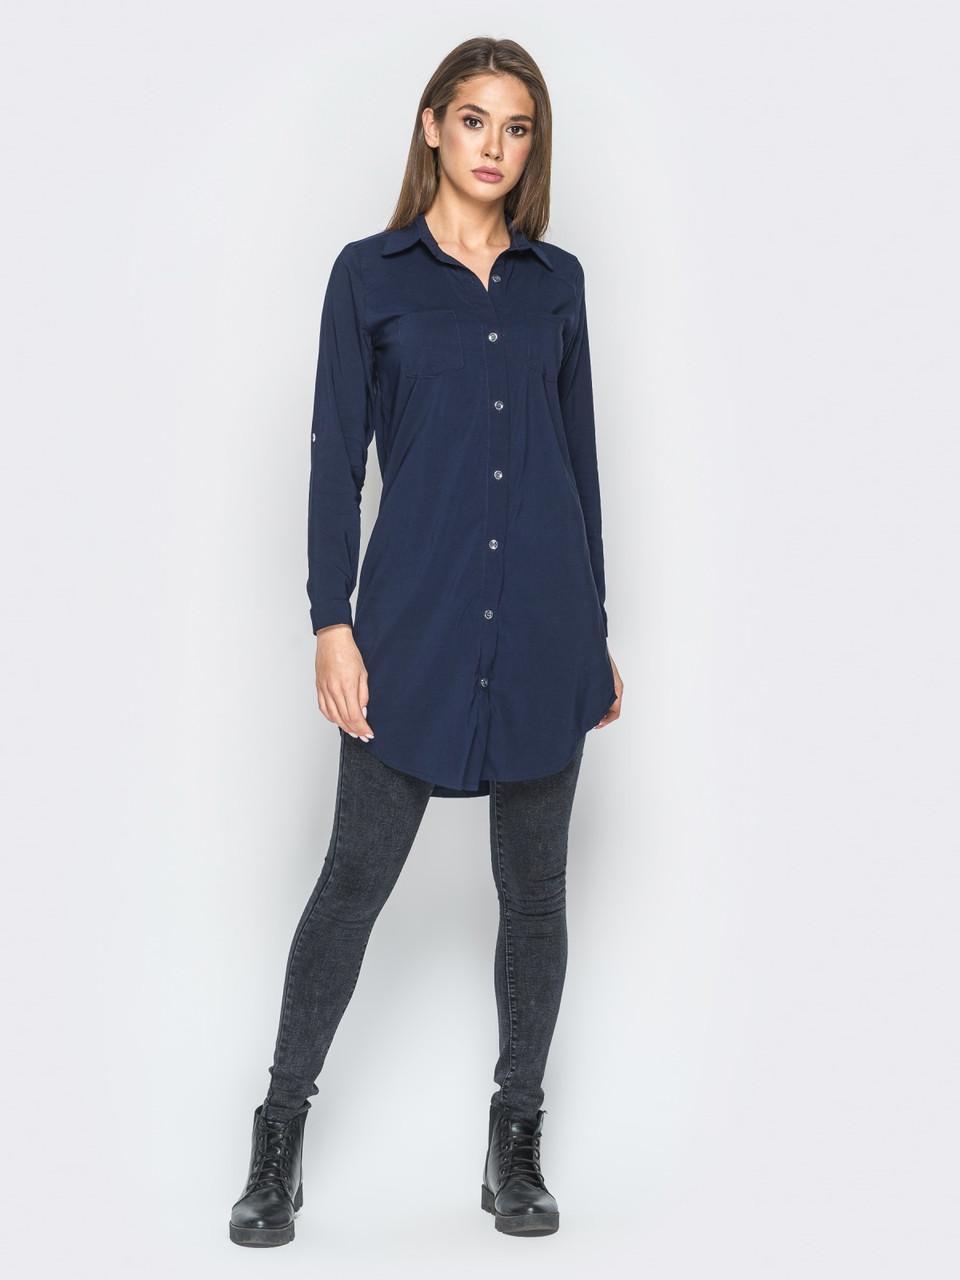 48ea05a78d4 Стильная женская темно-синяя рубашка с принтом на спинке р.42